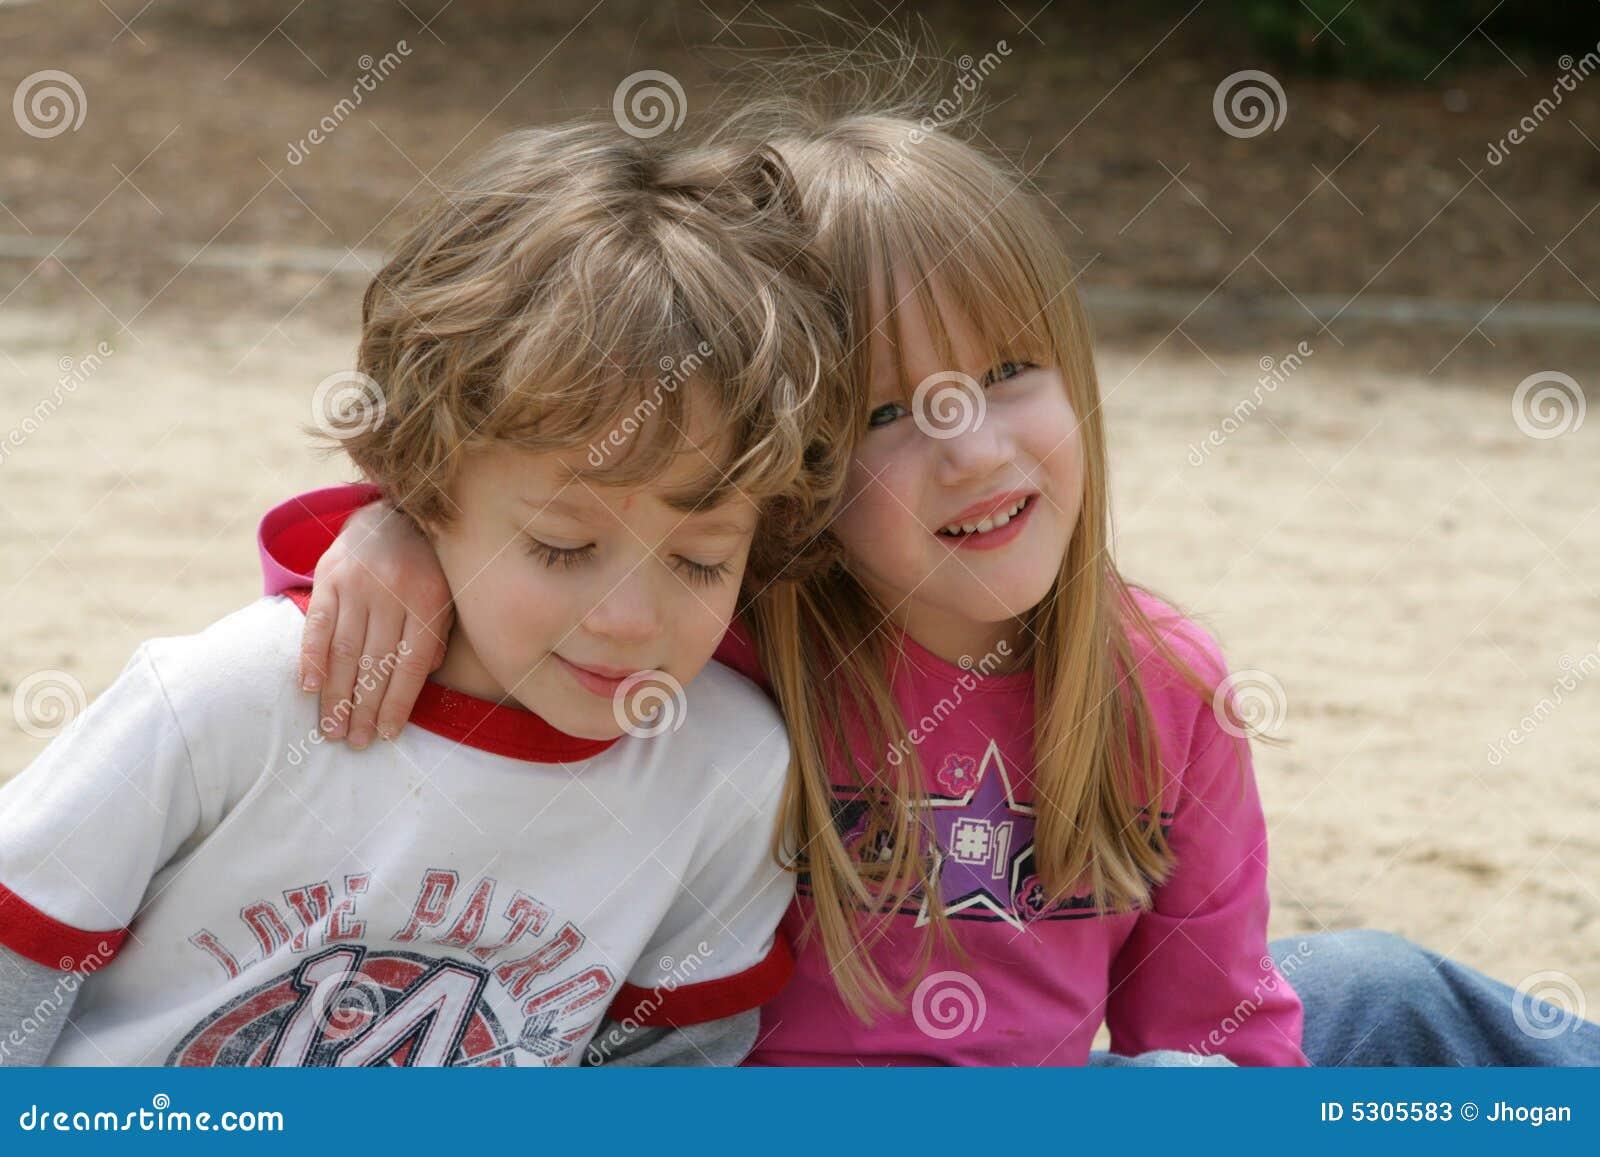 2 kids one sandbox official - a1